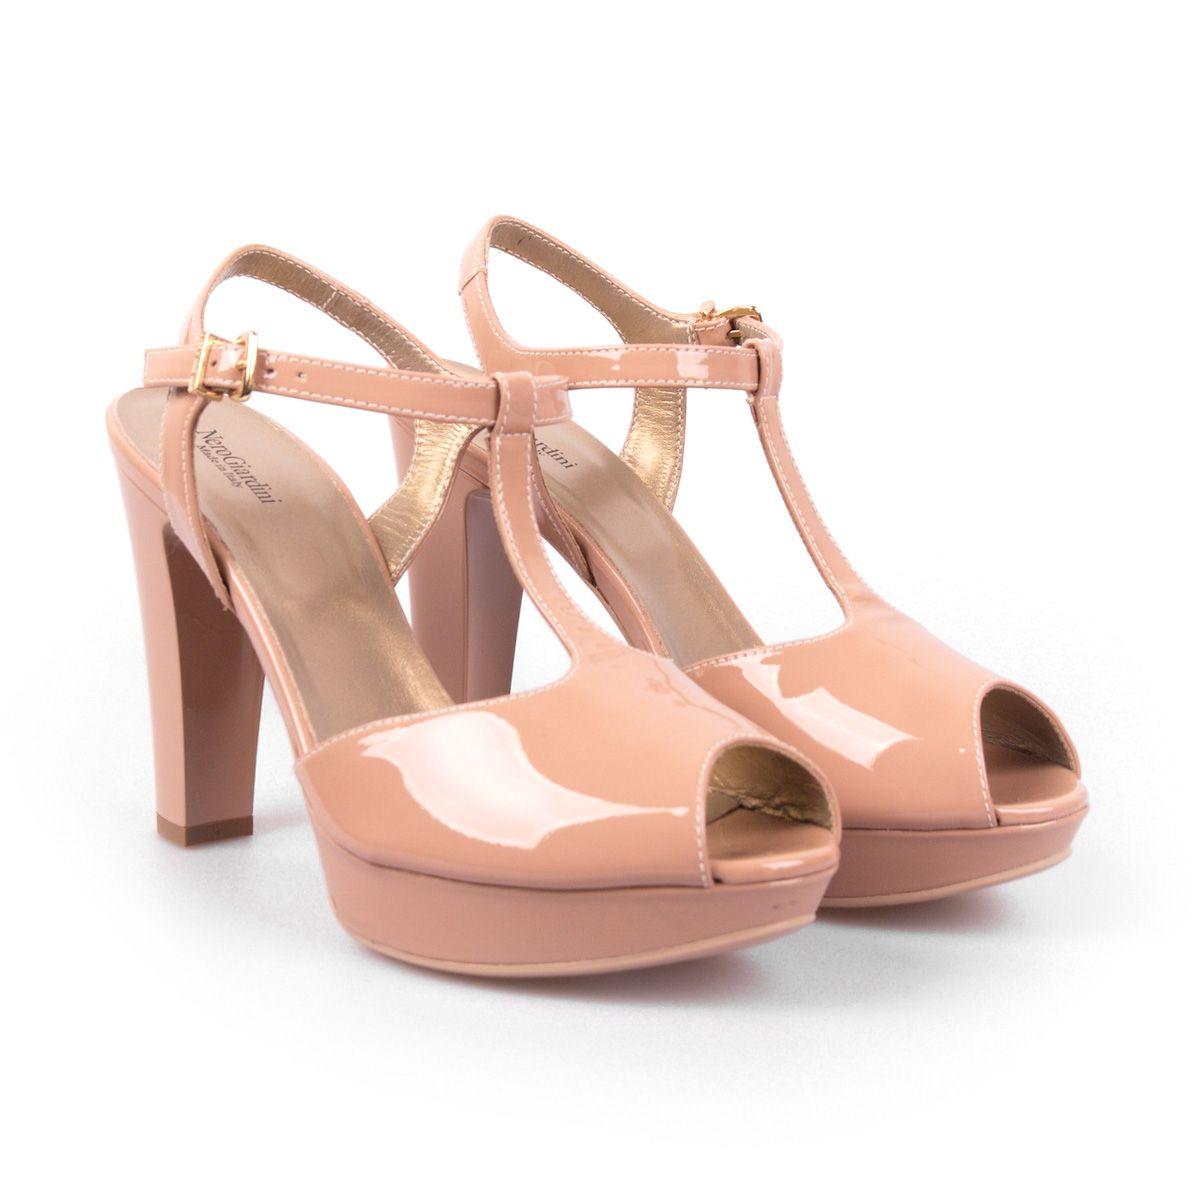 f92be5a75201 Nero Giardini ženske sandale - 512592 VERNICE NUDO